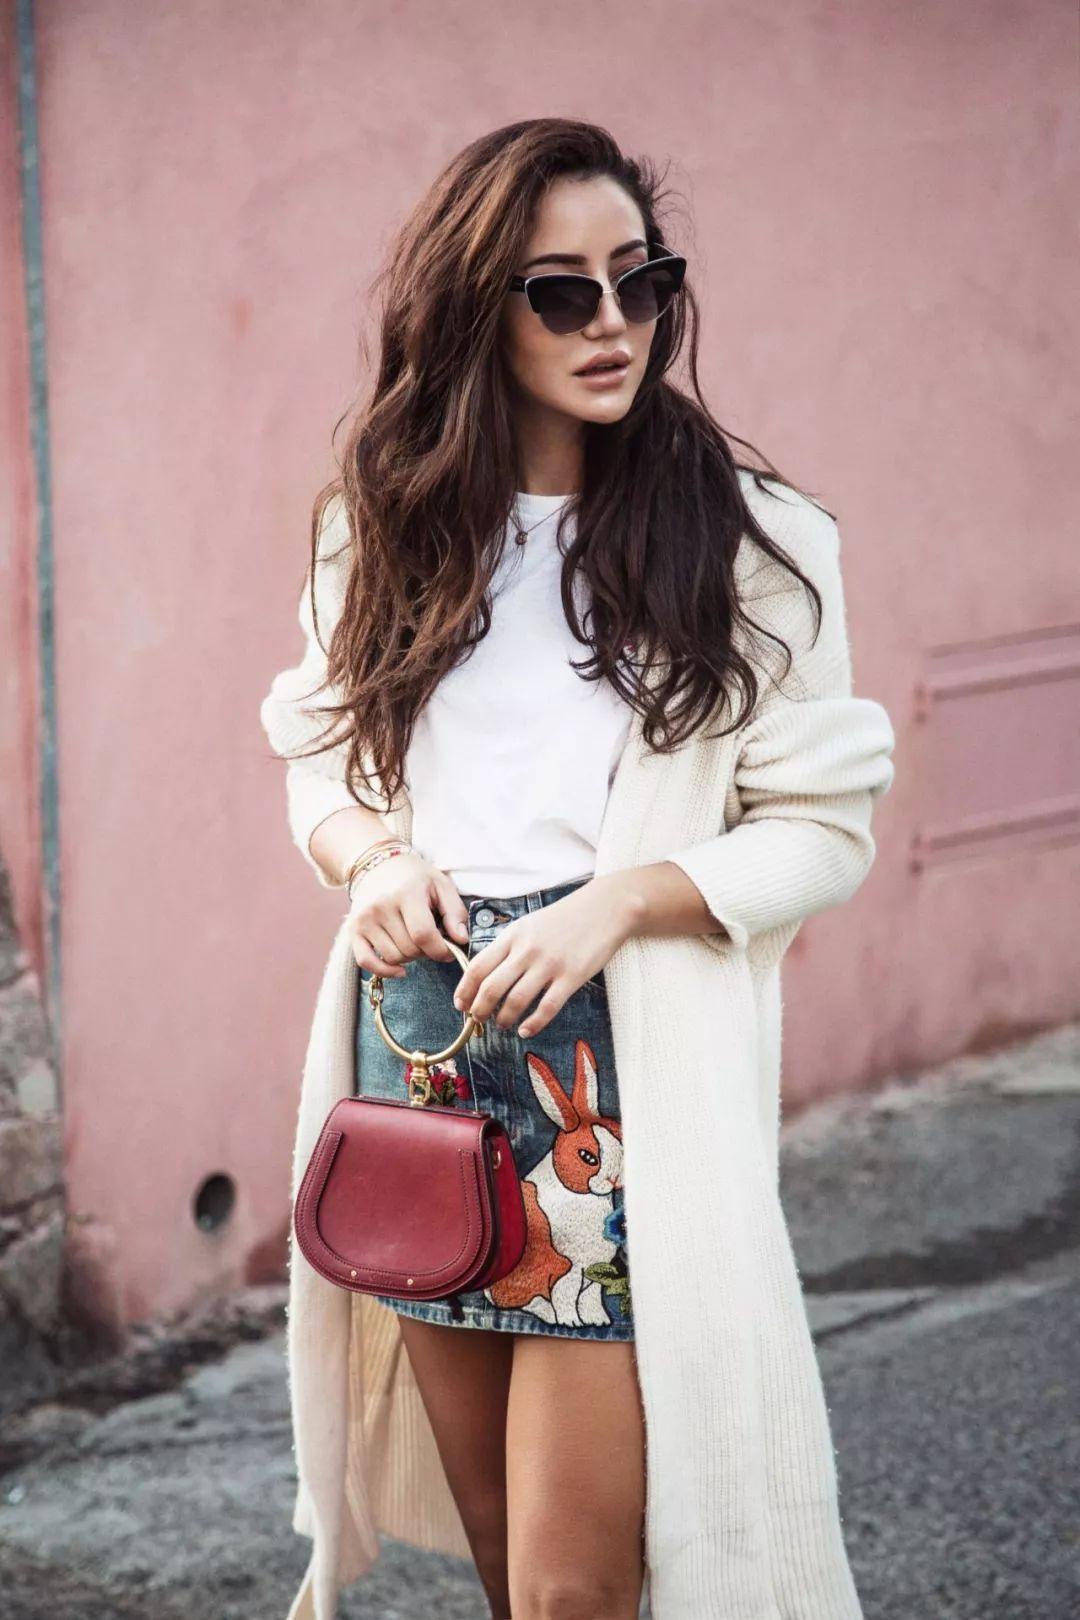 马思纯选择短款的针织开衫搭配印花半裙,温婉动人,又不失活泼俏皮.